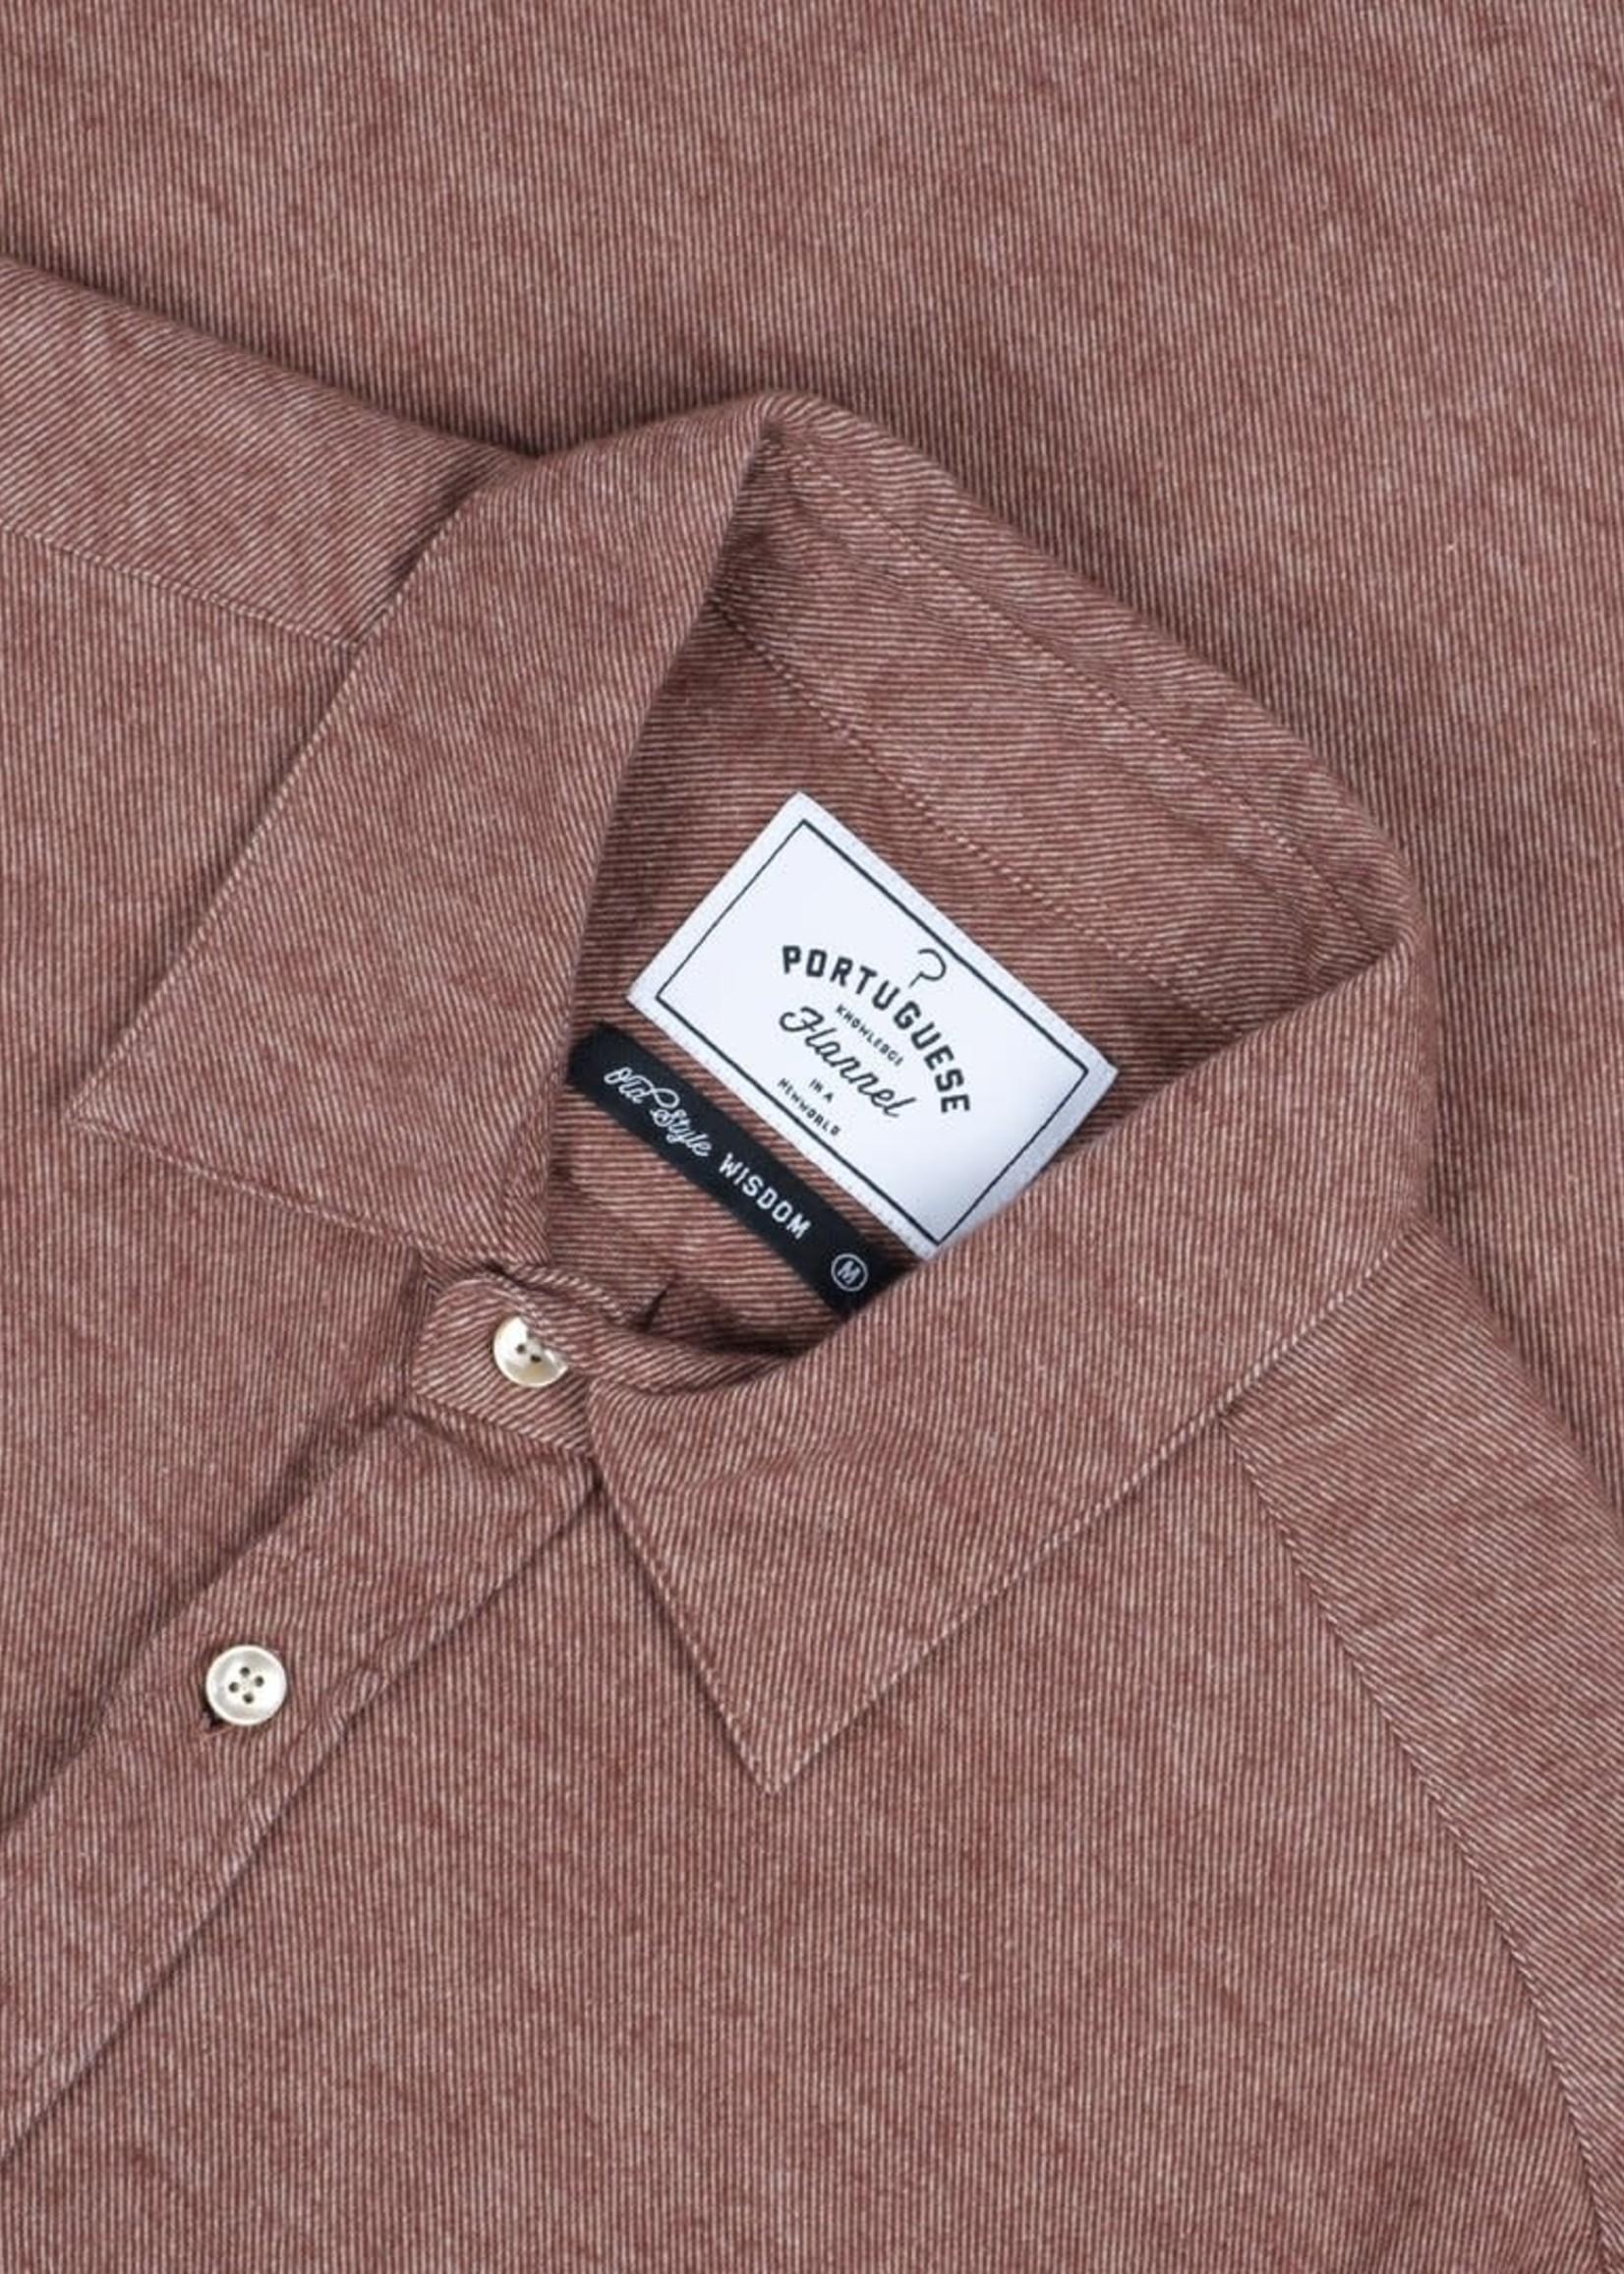 Portuguese Flannel Portuguese Flannel Teca Cinnamon Flannel Sport Shirt